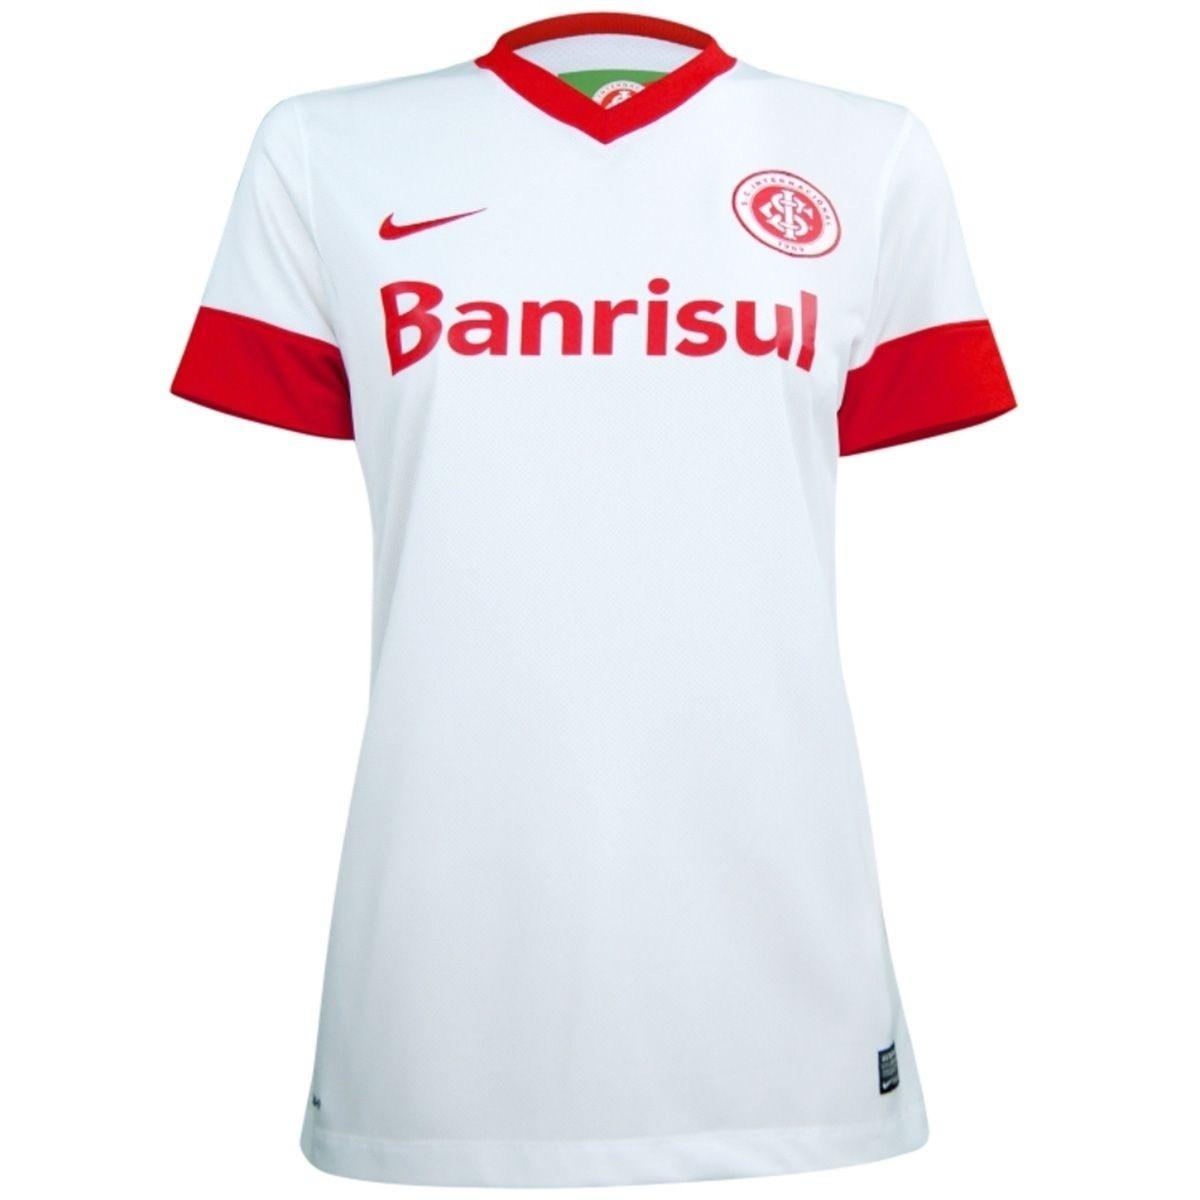 01a8e9fb2 Camisa Inter Internacional Branca Feminina Nike - R$ 109,90 em ...